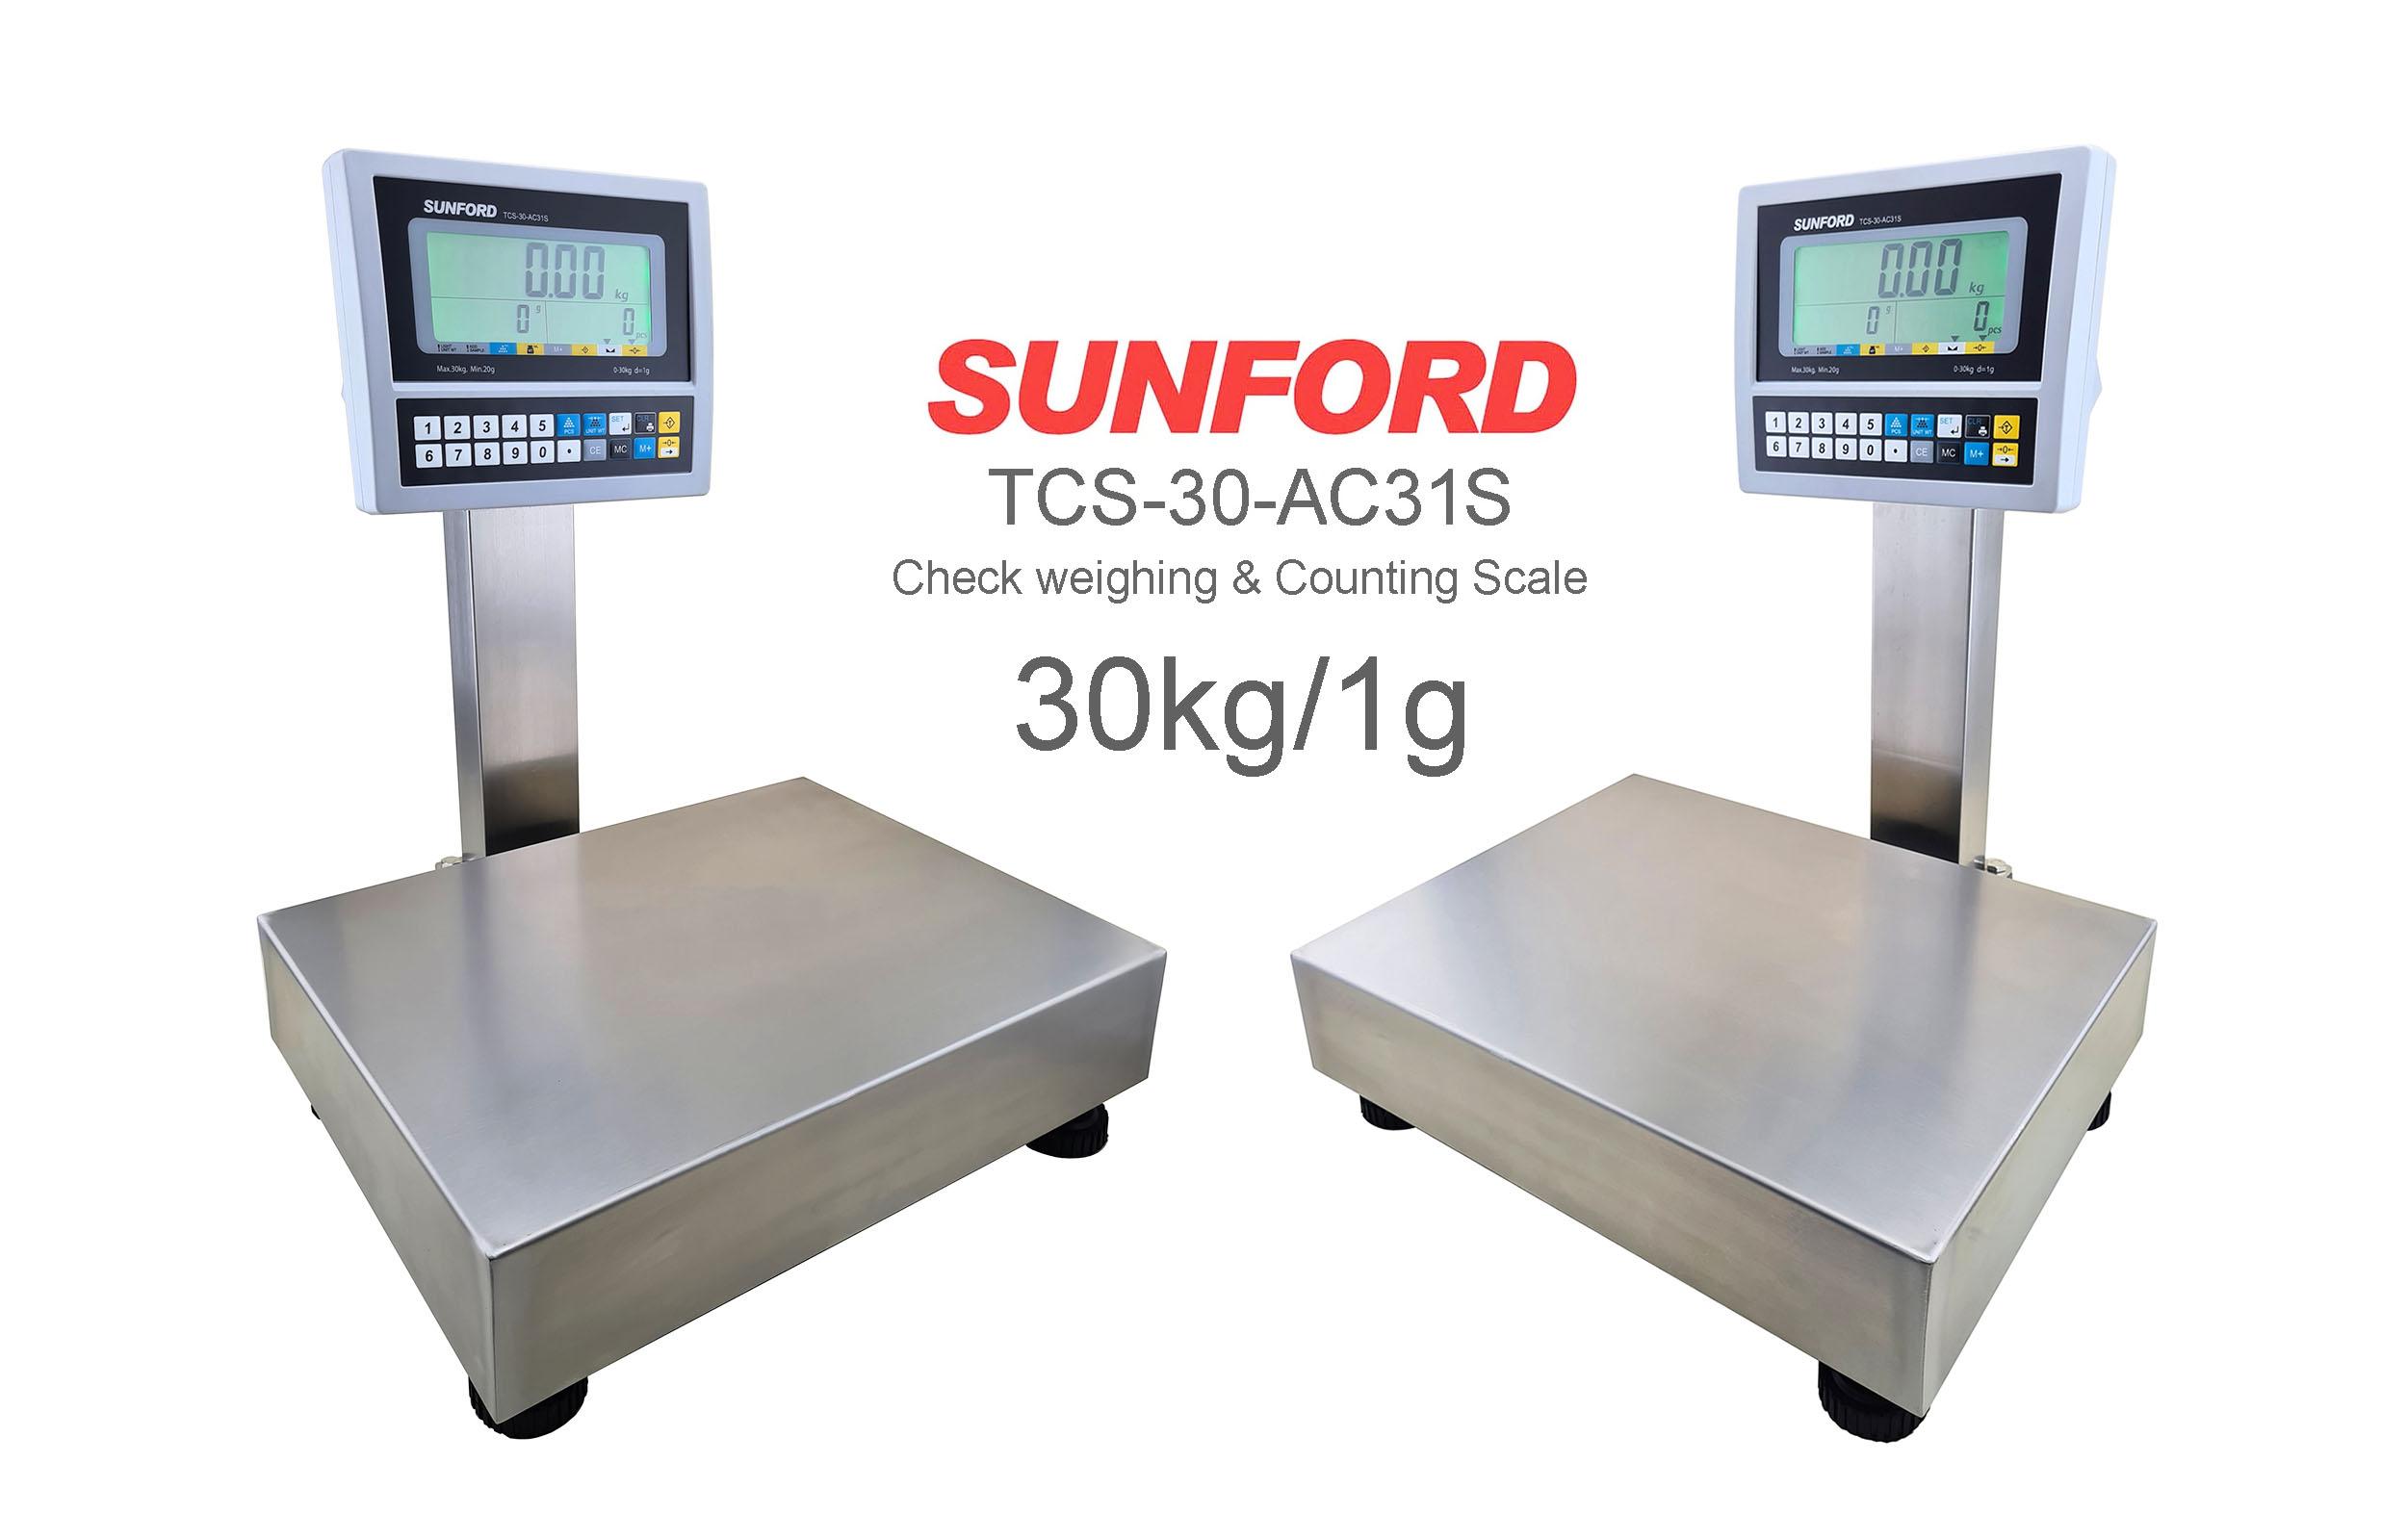 SUNFORD TCS-30-AC31S